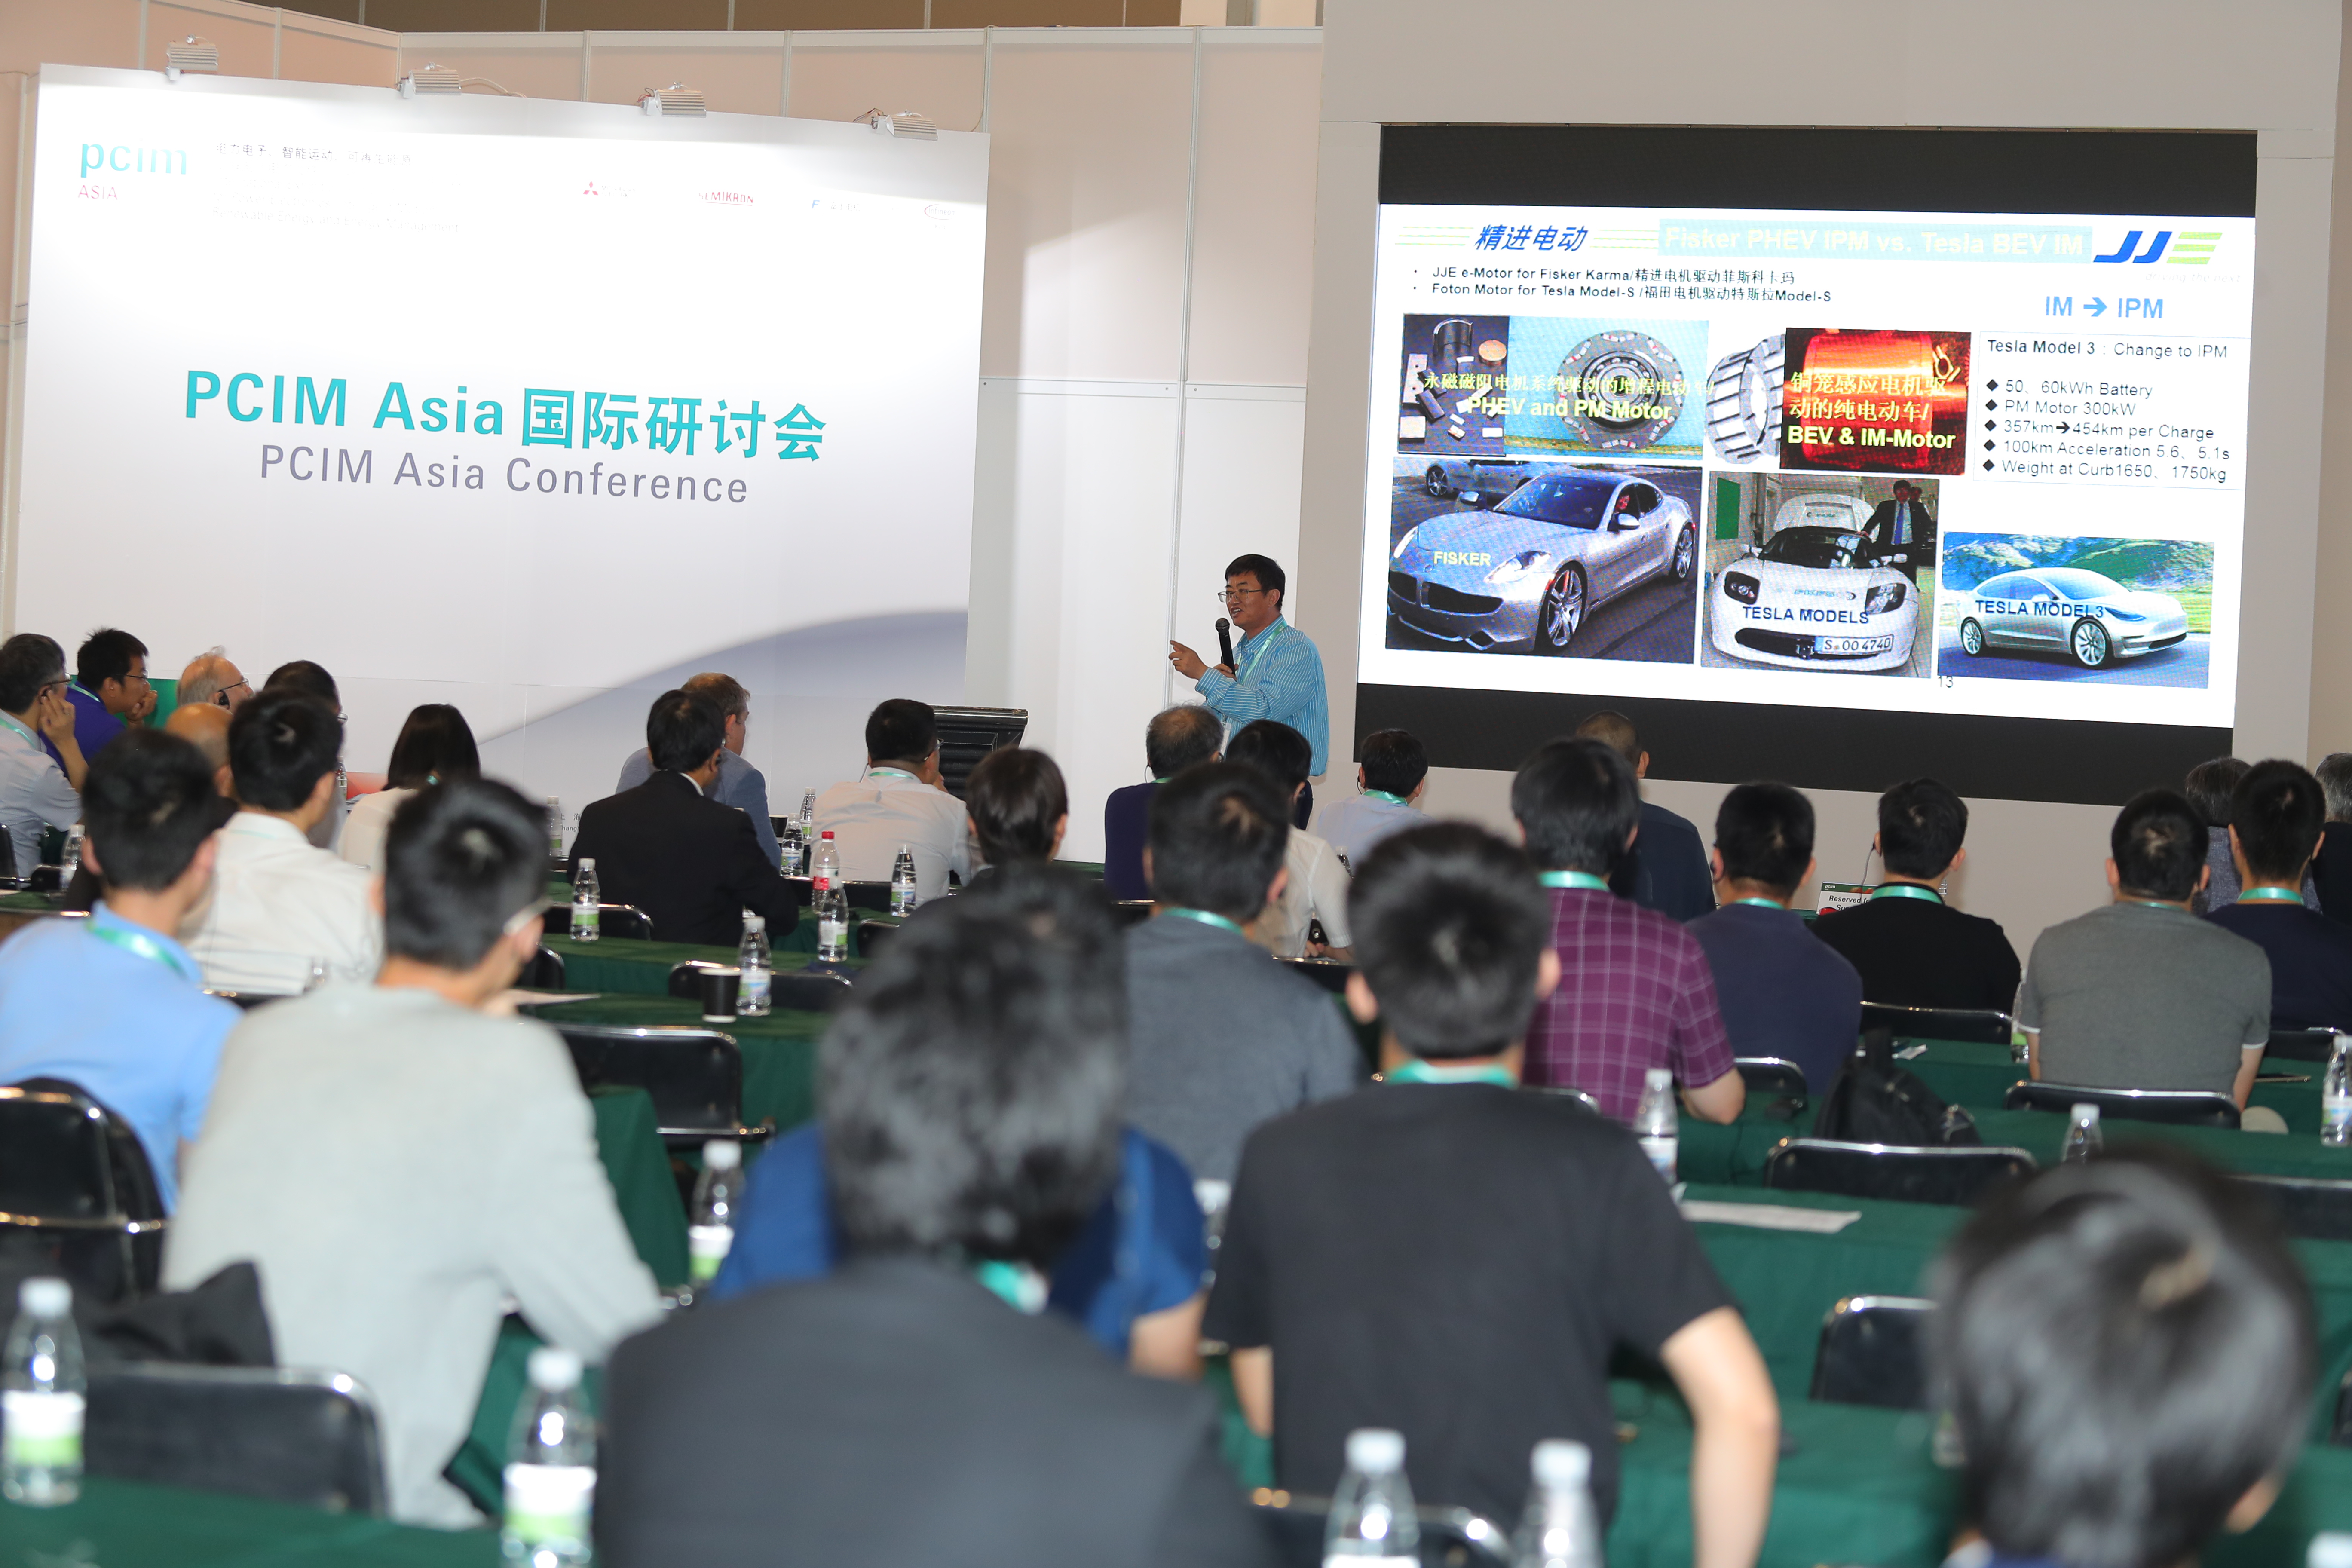 【PCIM 电力电子展】请登记参观上海电力元件及可再生能源精选研发成果!